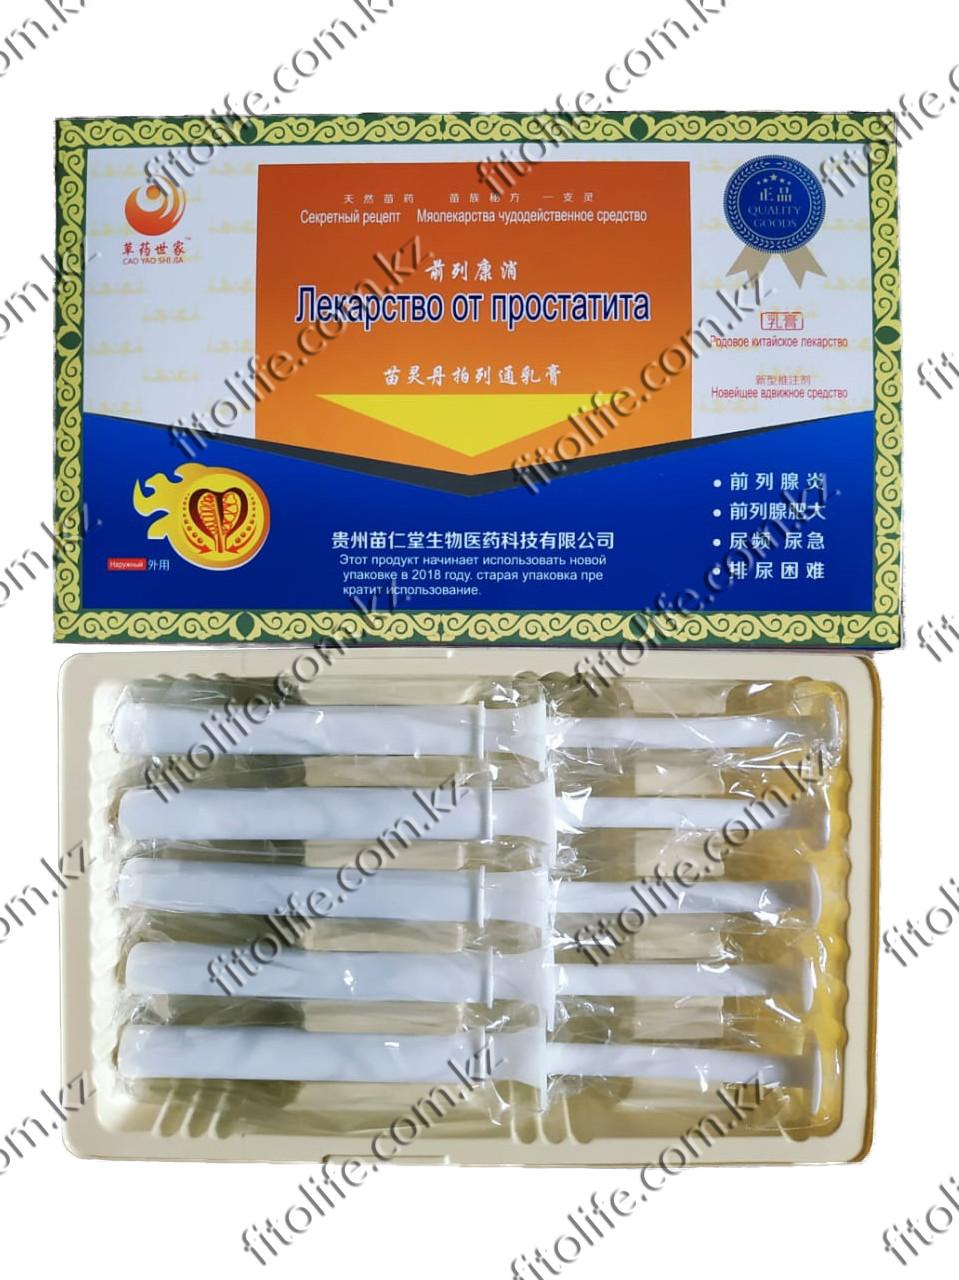 Шприцы от простатита CaoYaoShiJia